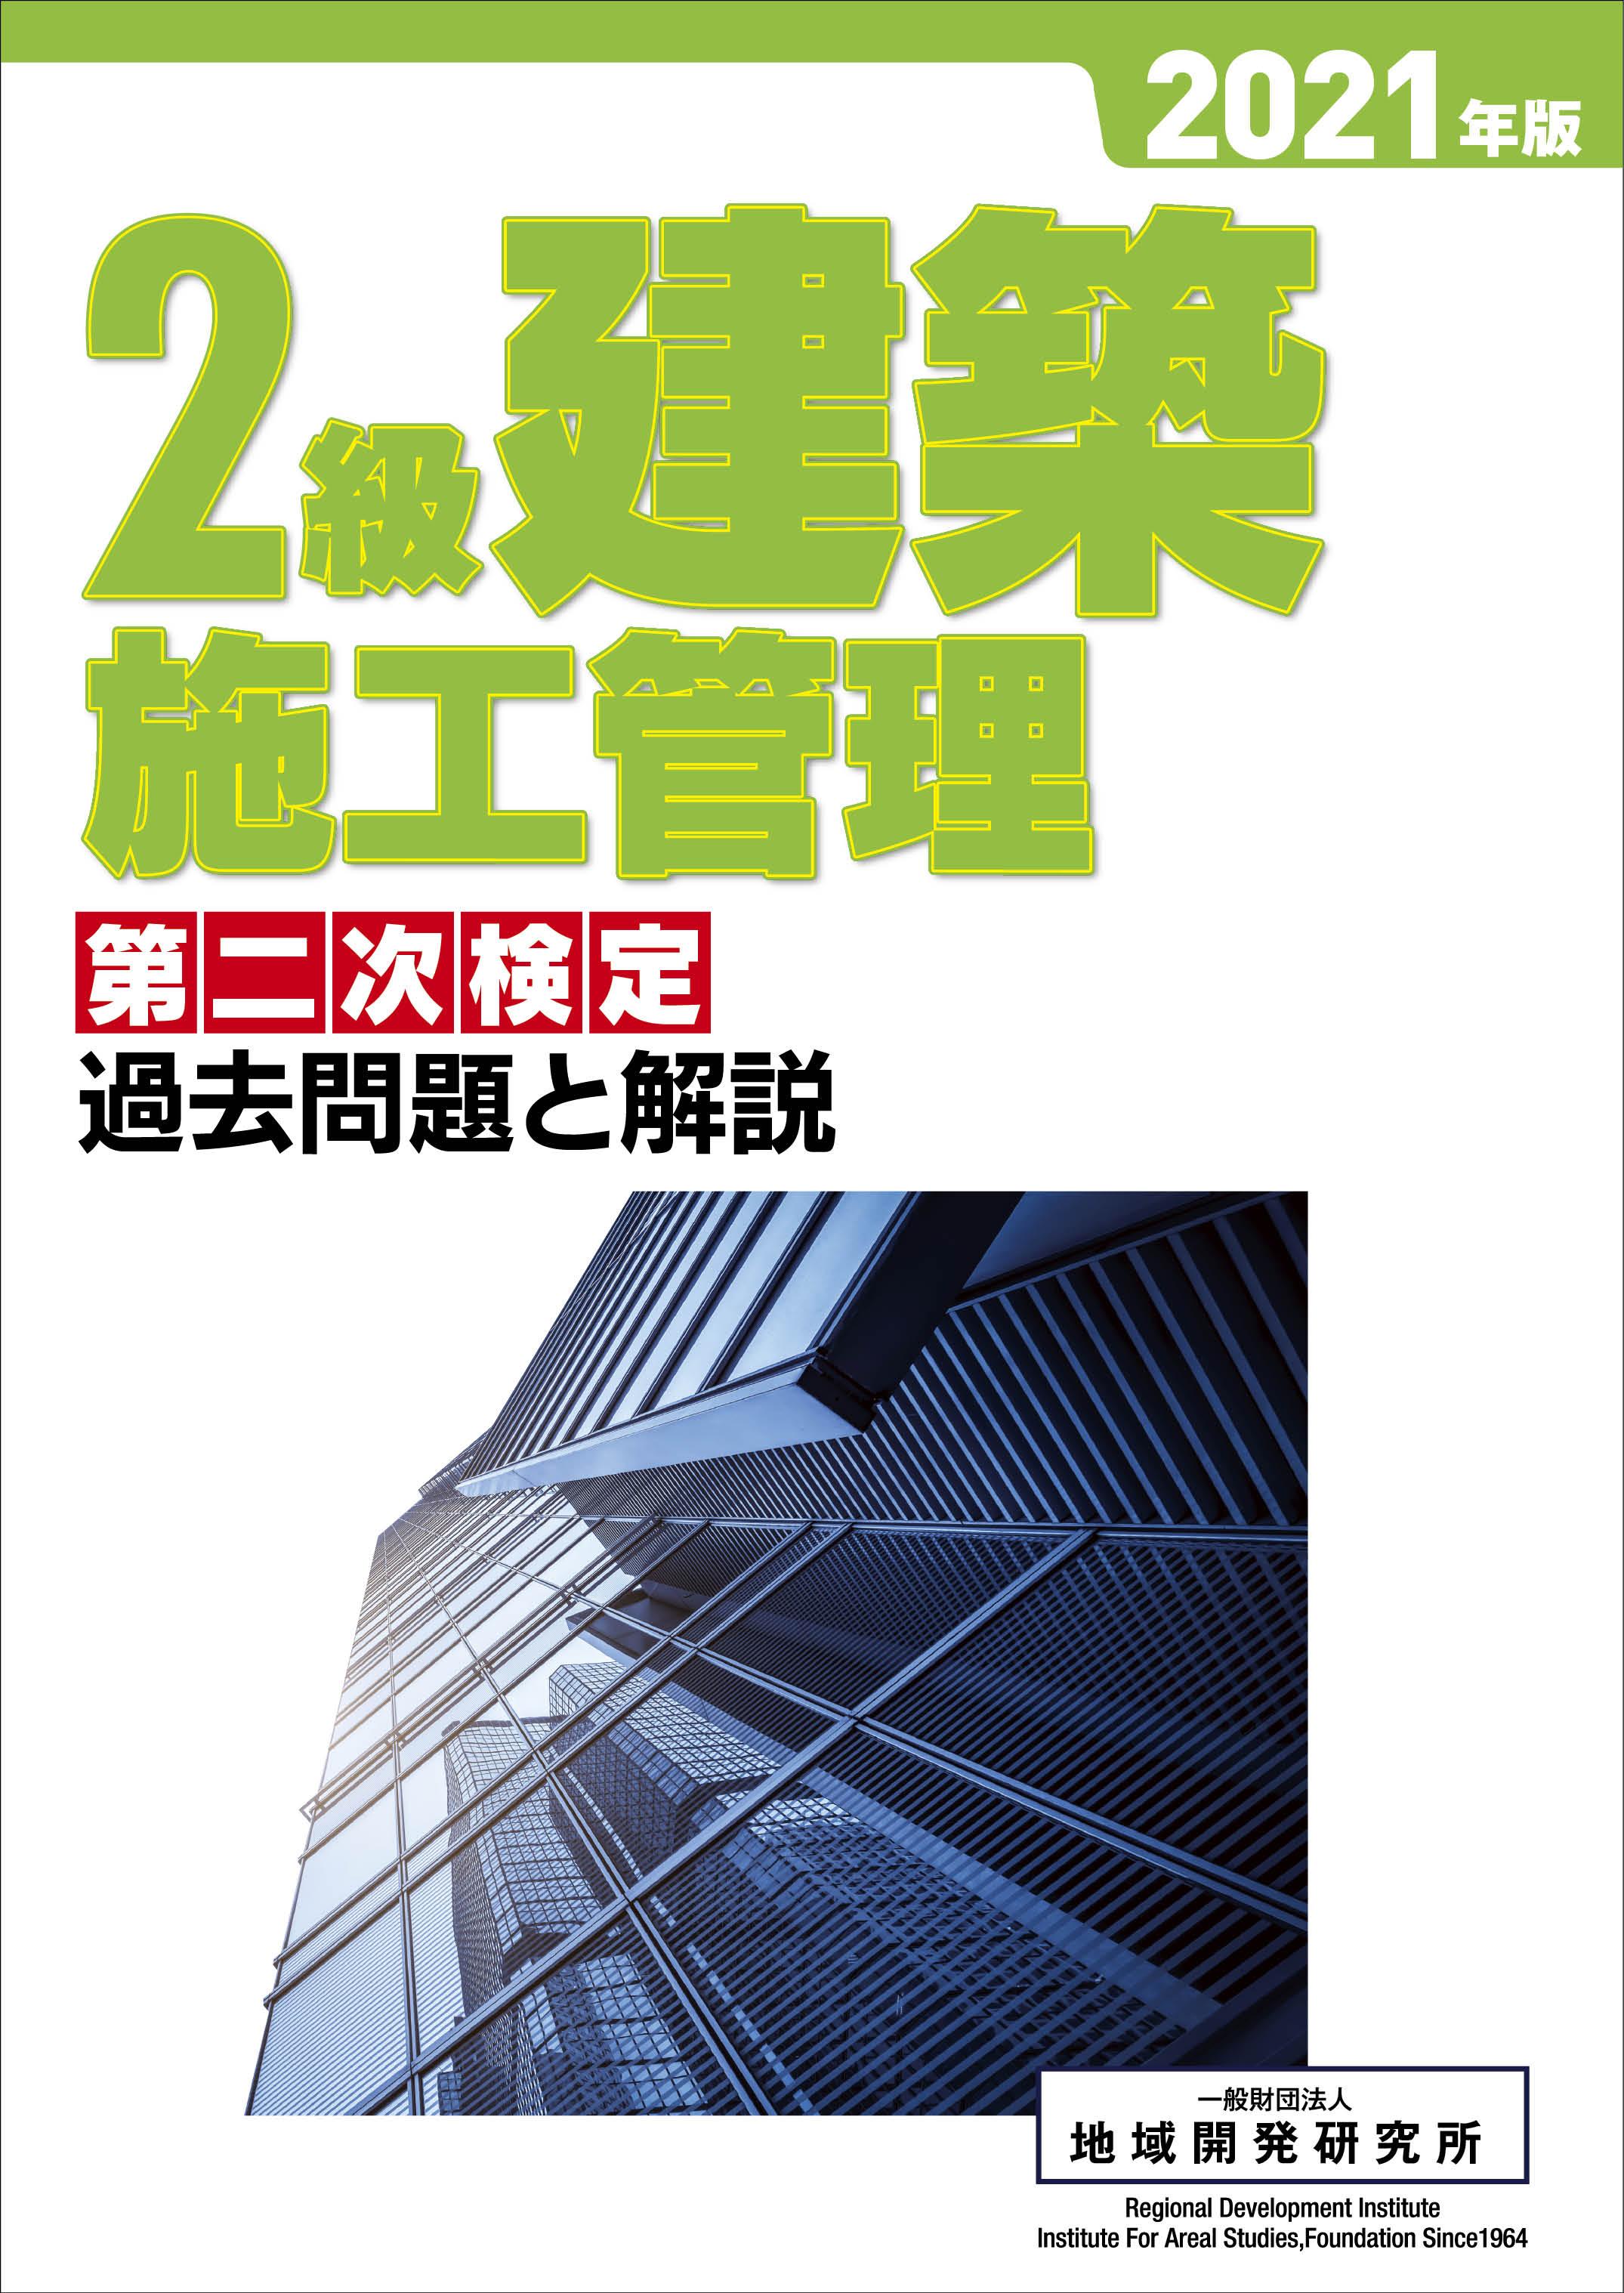 2級建築施工管理 第二次検定 過去問題と解説 2021年版